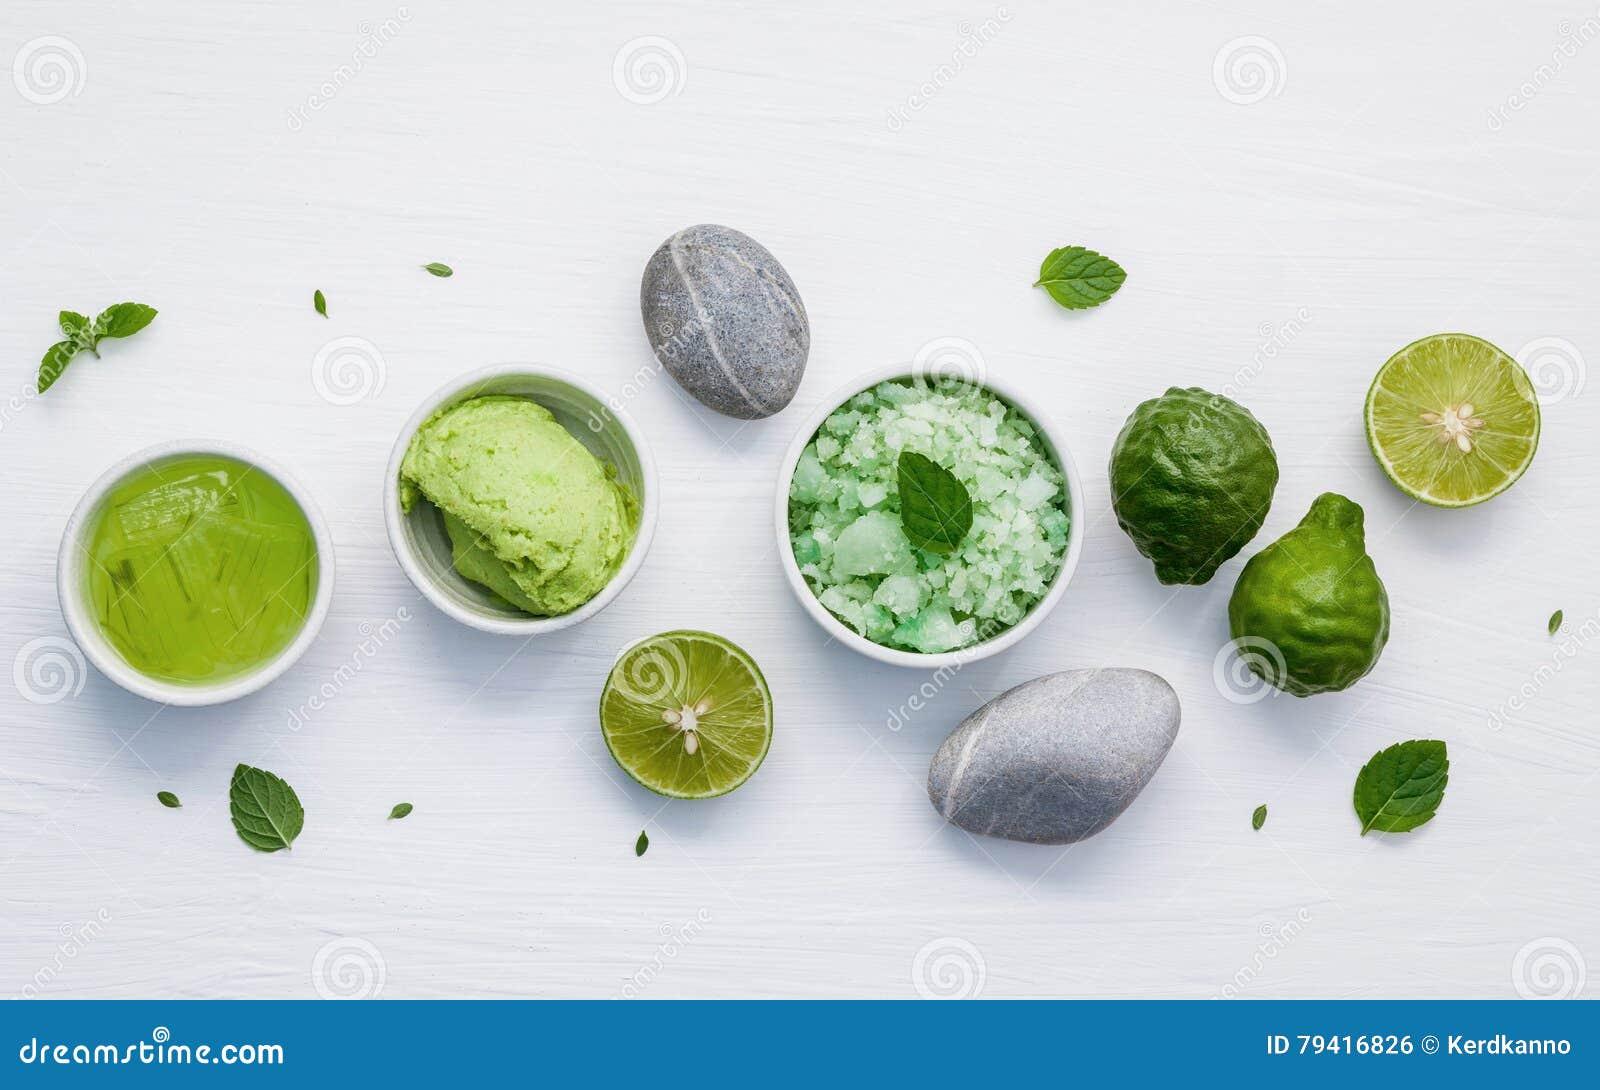 avocado face moisturizer